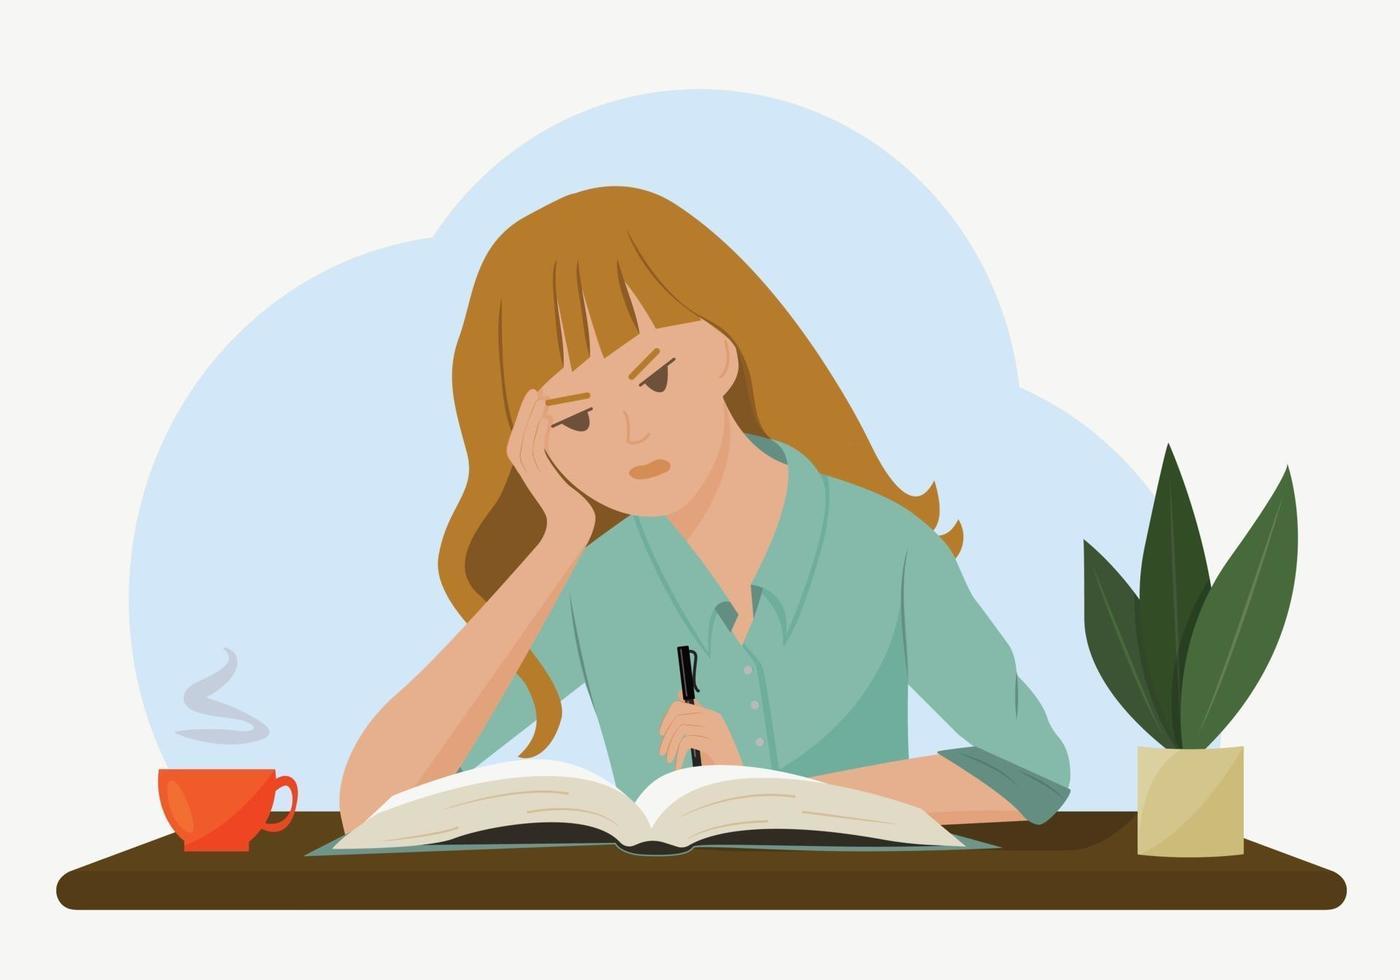 illustrazione vettoriale di una ragazza a una scrivania. la studentessa ha pensato di fare i compiti. il concetto di compiti pesanti e impossibili. disegno in uno stile piatto.